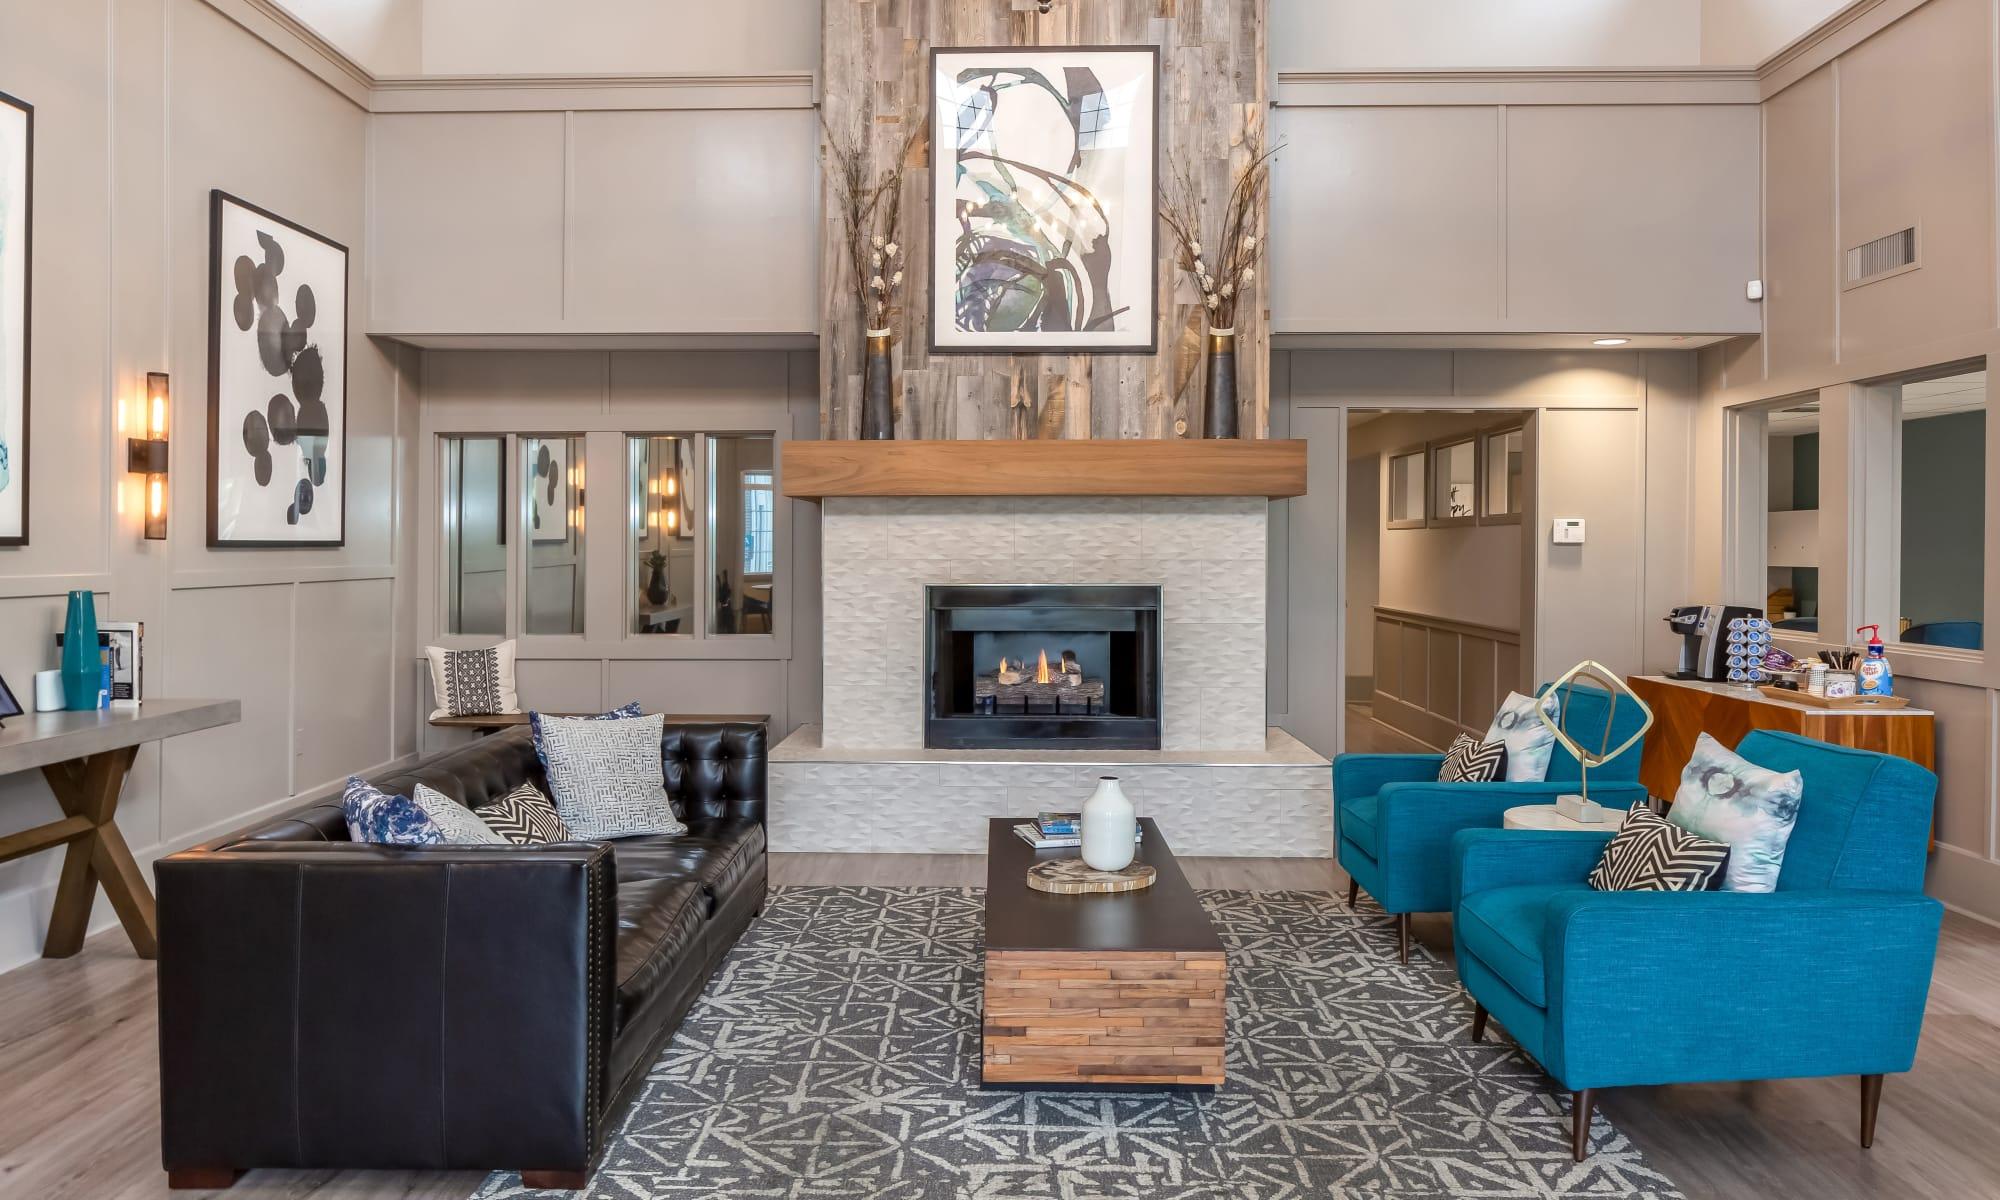 Apartments in Renton, Washington